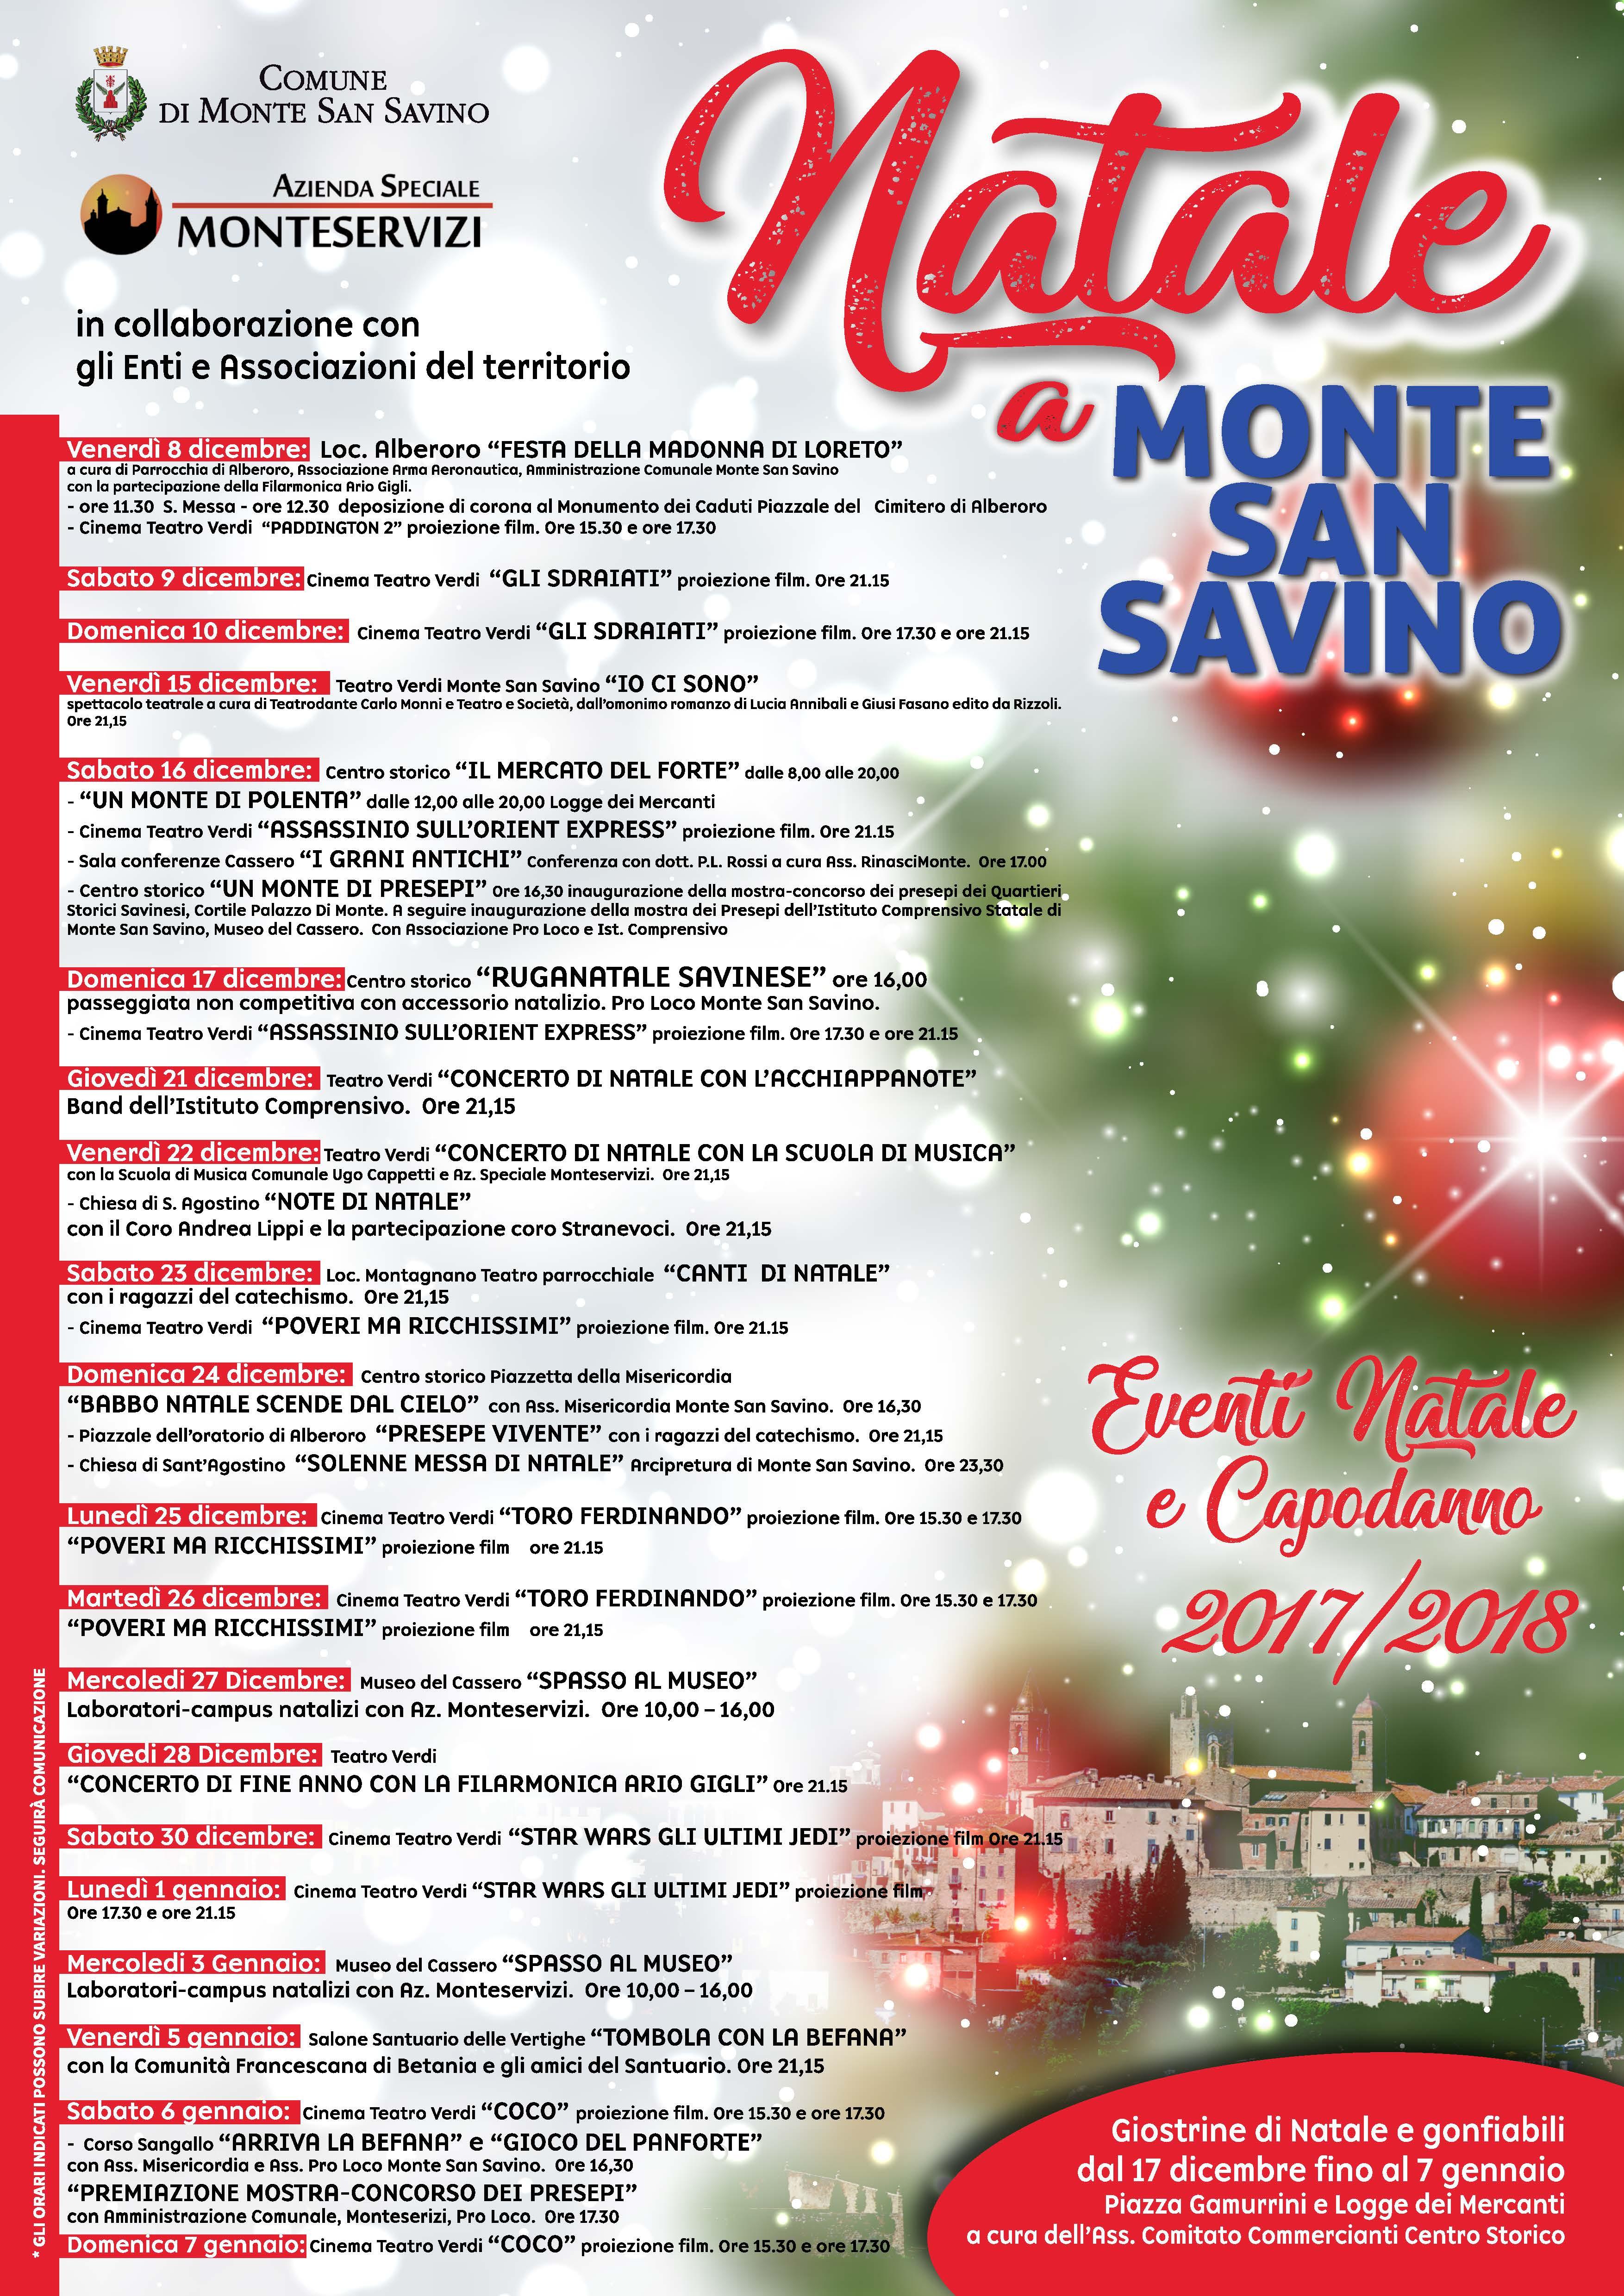 A Monte San Savino un weekend natalizio con tanti eventi: presepi, gastronomia e il Mercato del Forte